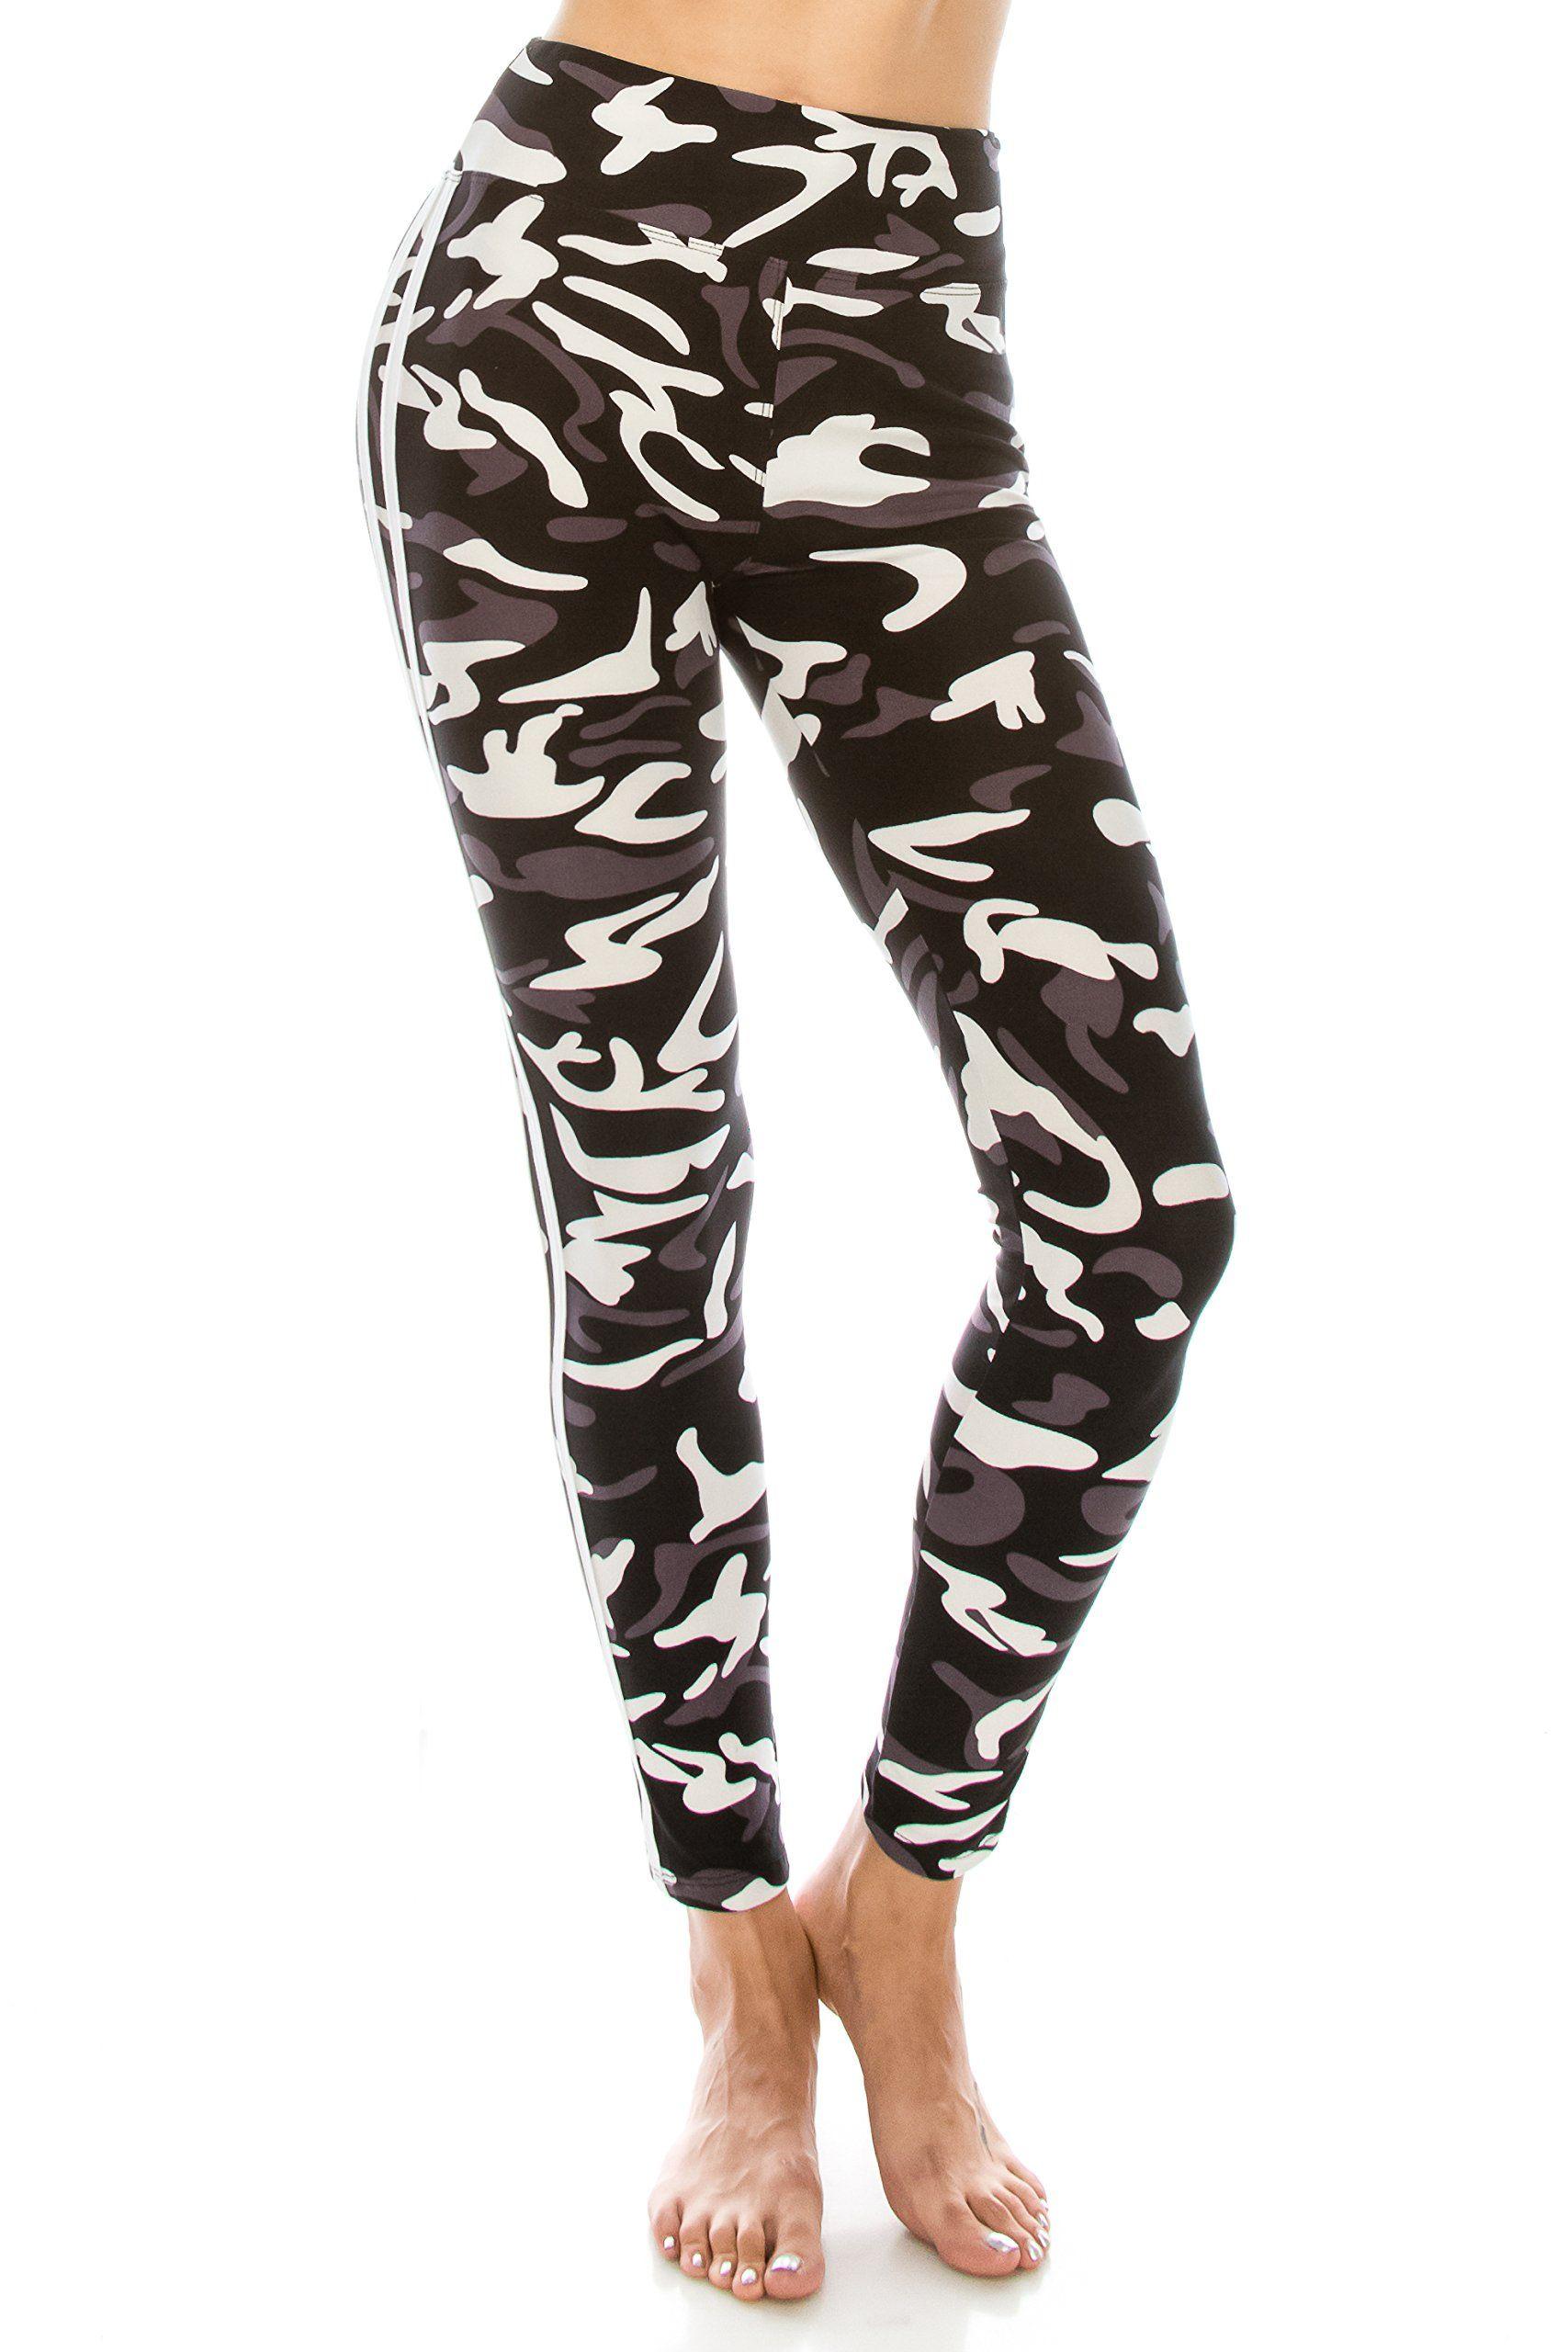 Soft Stretchy Camo Print Leggings